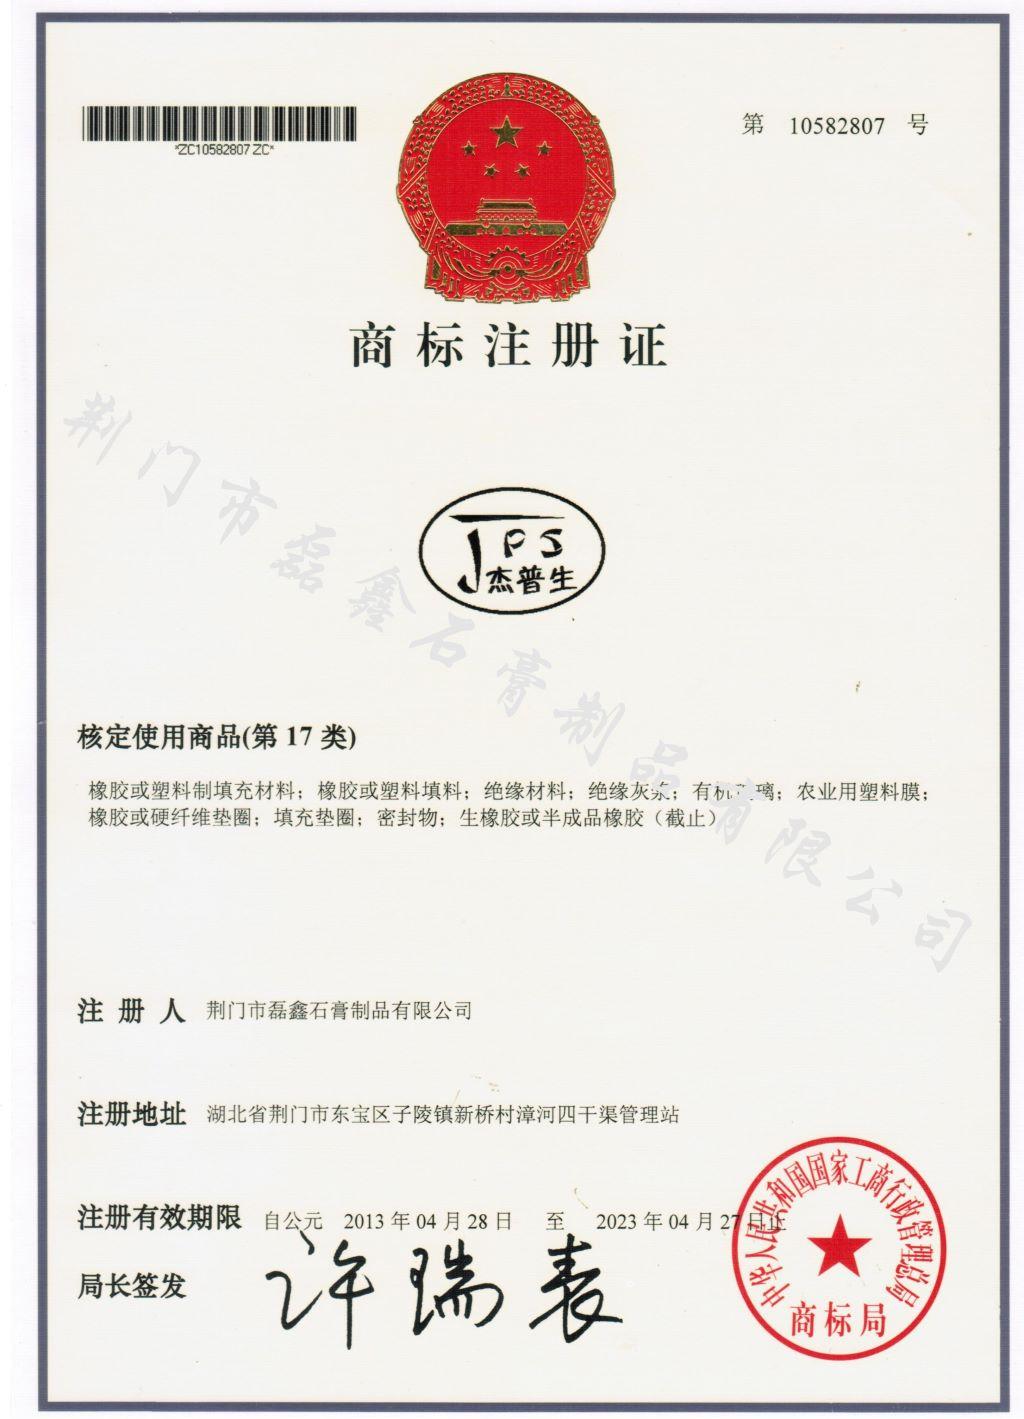 商标注册证-杰普生201307121111.jpg